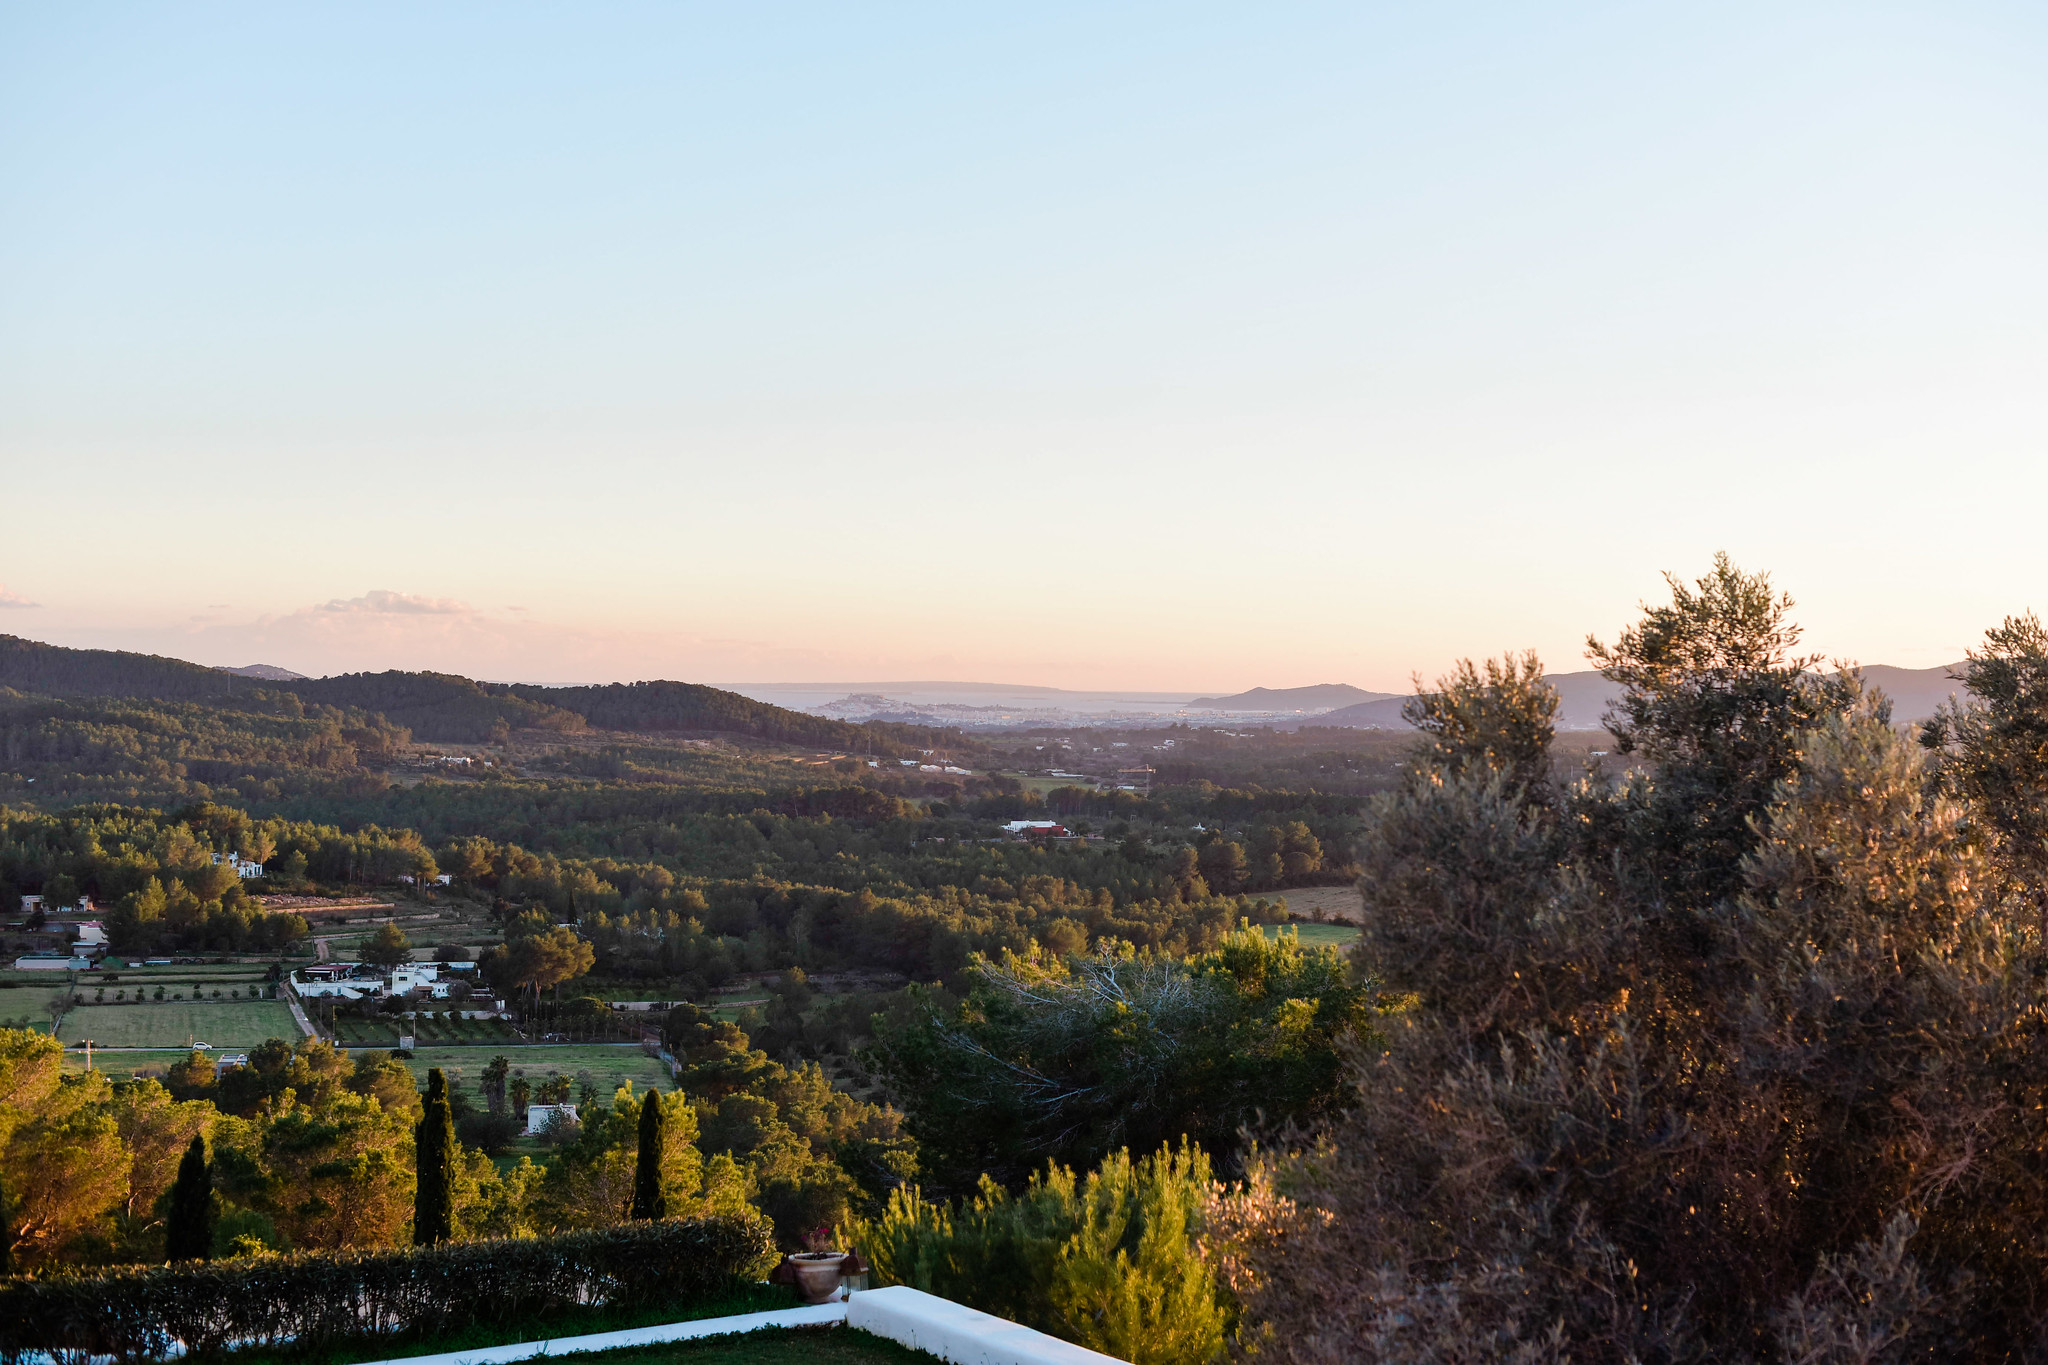 https://www.white-ibiza.com/wp-content/uploads/2020/05/white-ibiza-villas-can-lavanda-campo-views.jpg